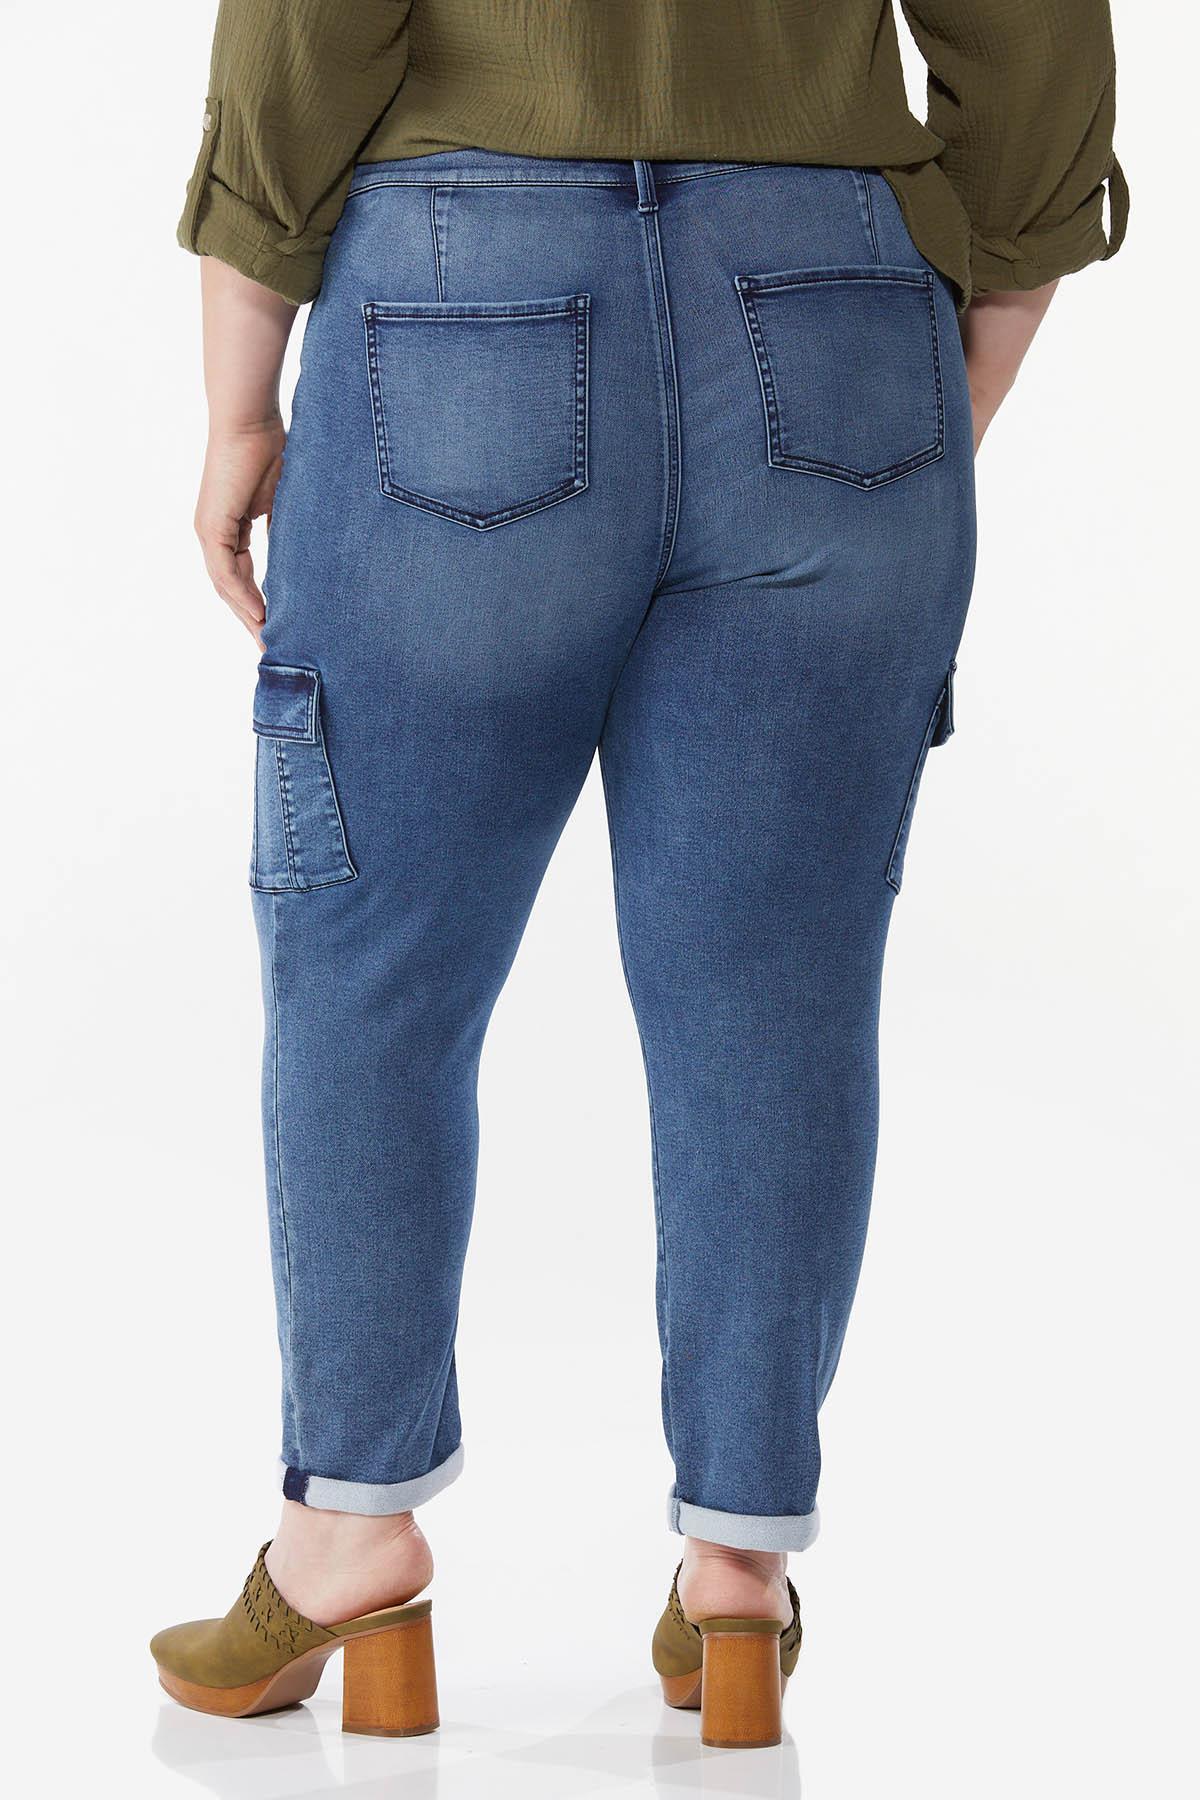 Plus Size Stretch Utility Jeans (Item #44735854)